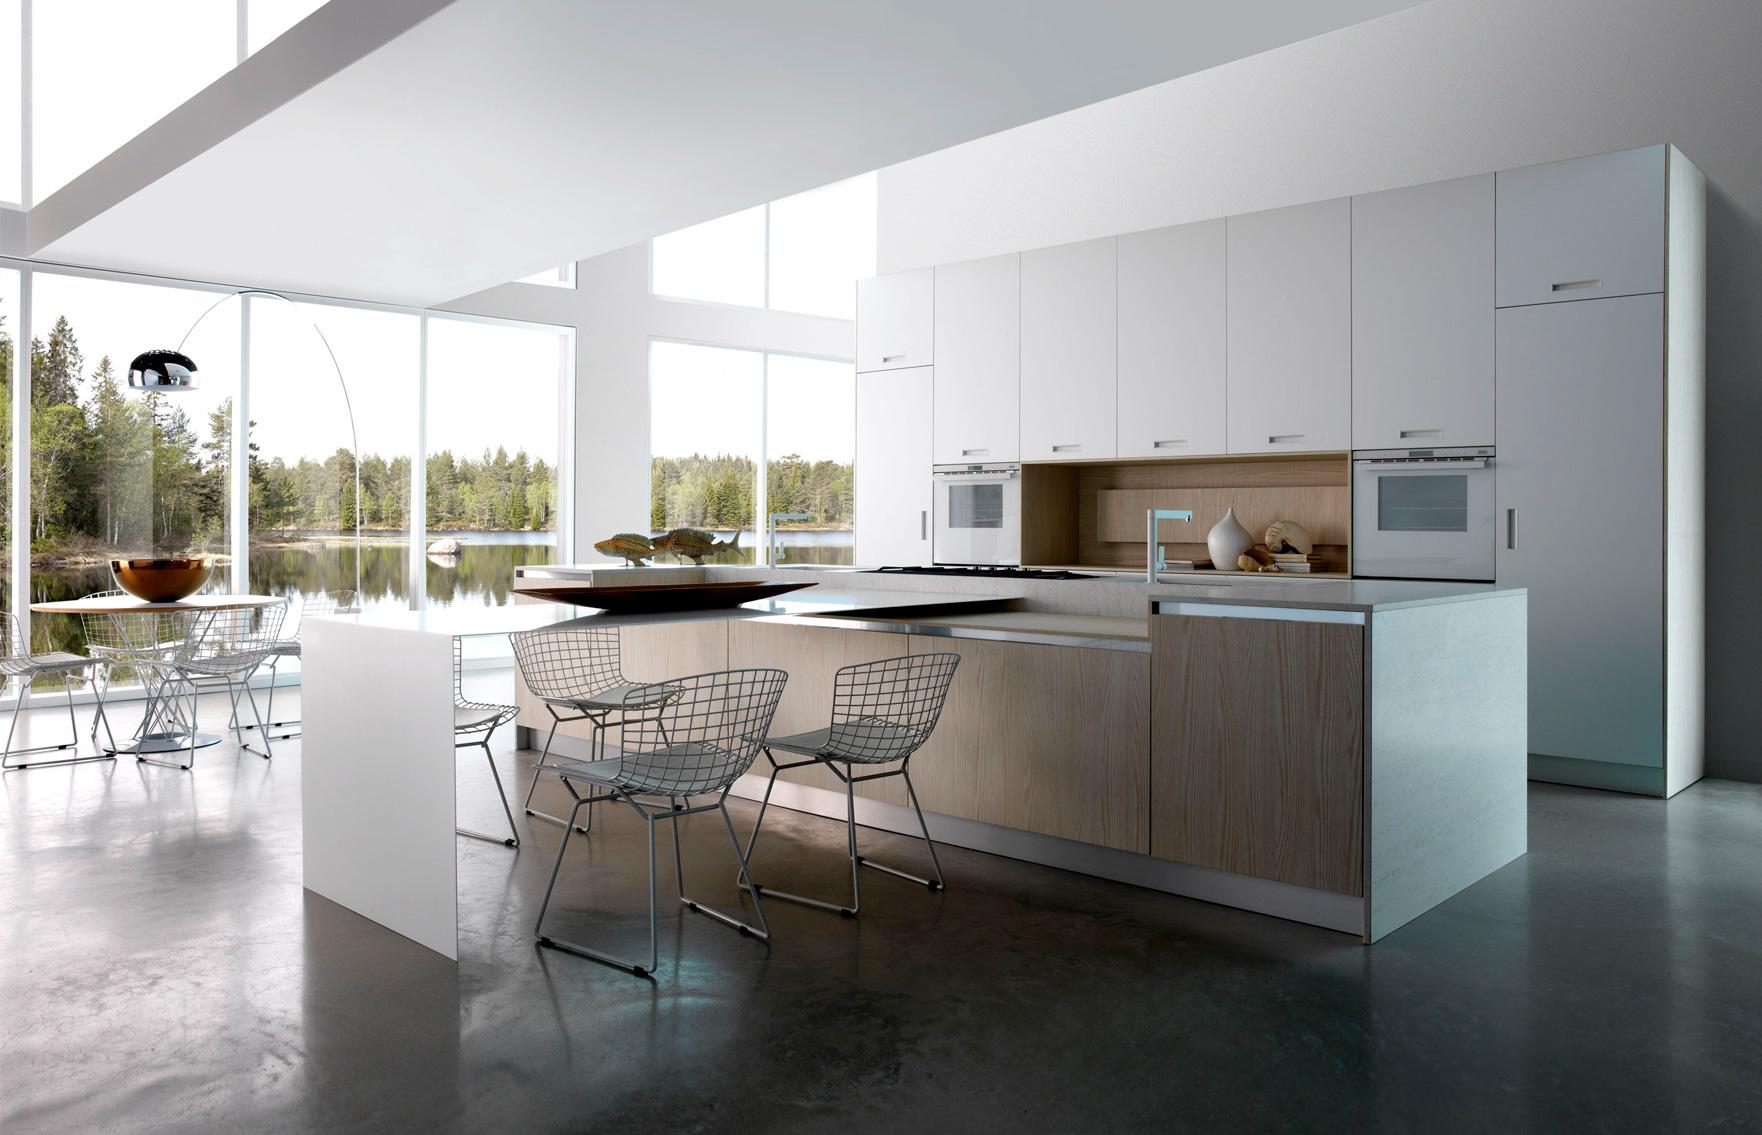 Cocina blanca: ventajas de apostar por el blanco - Dinova Cocinas